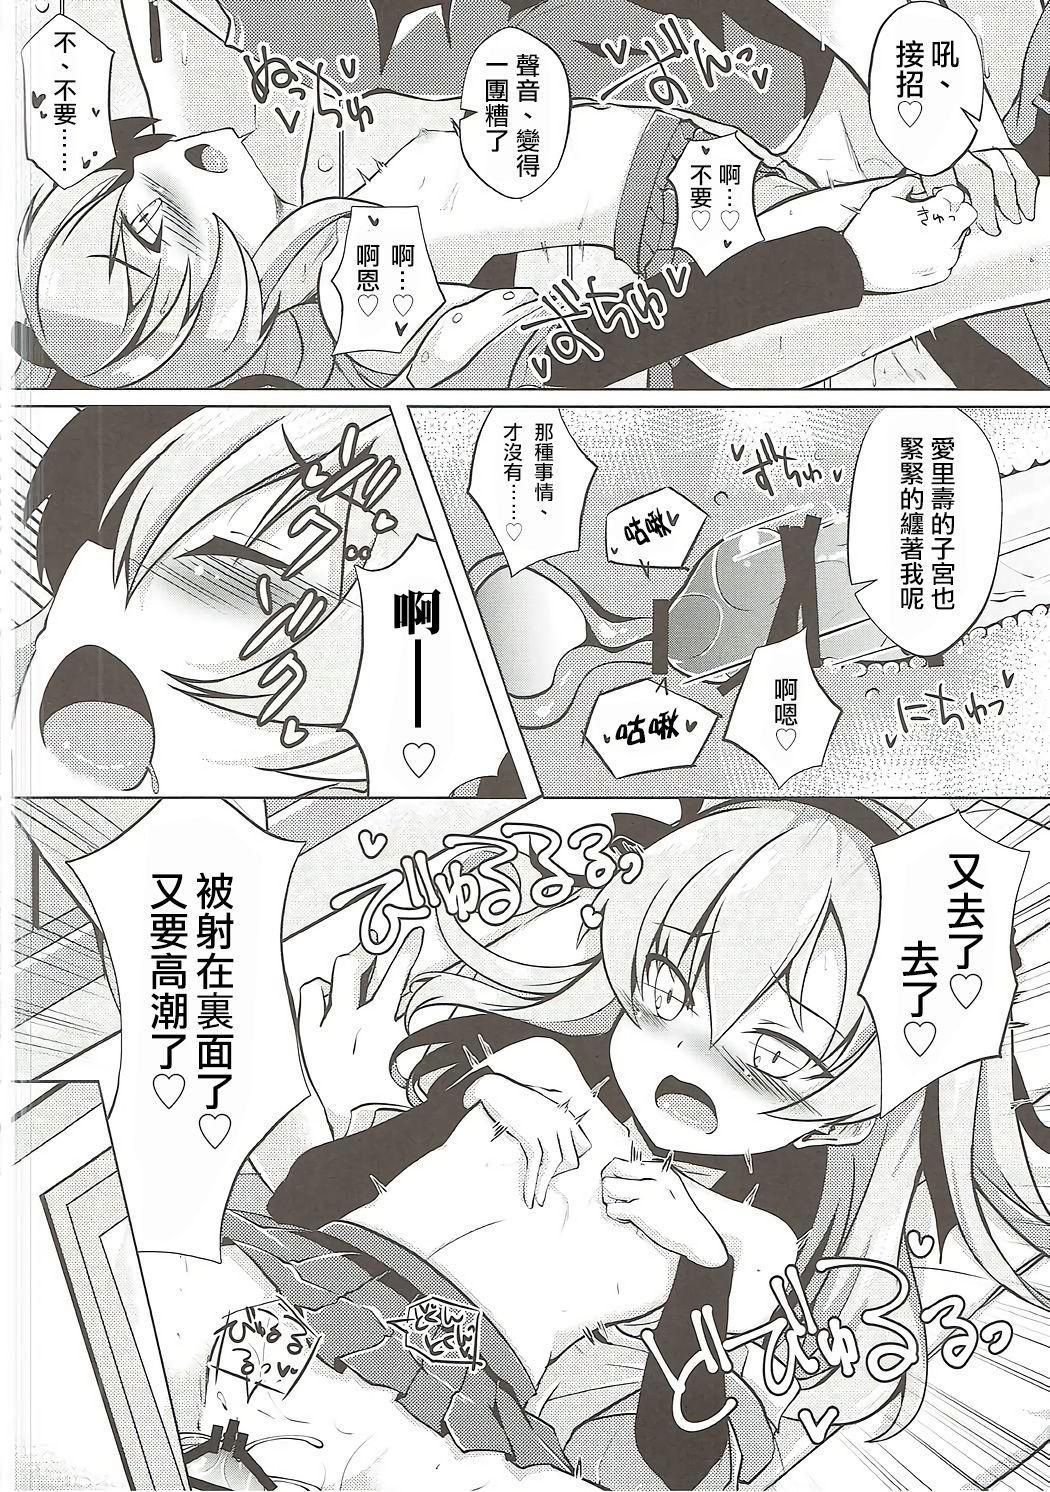 Arisu-chan to Himitsu no Kouishitsu 11